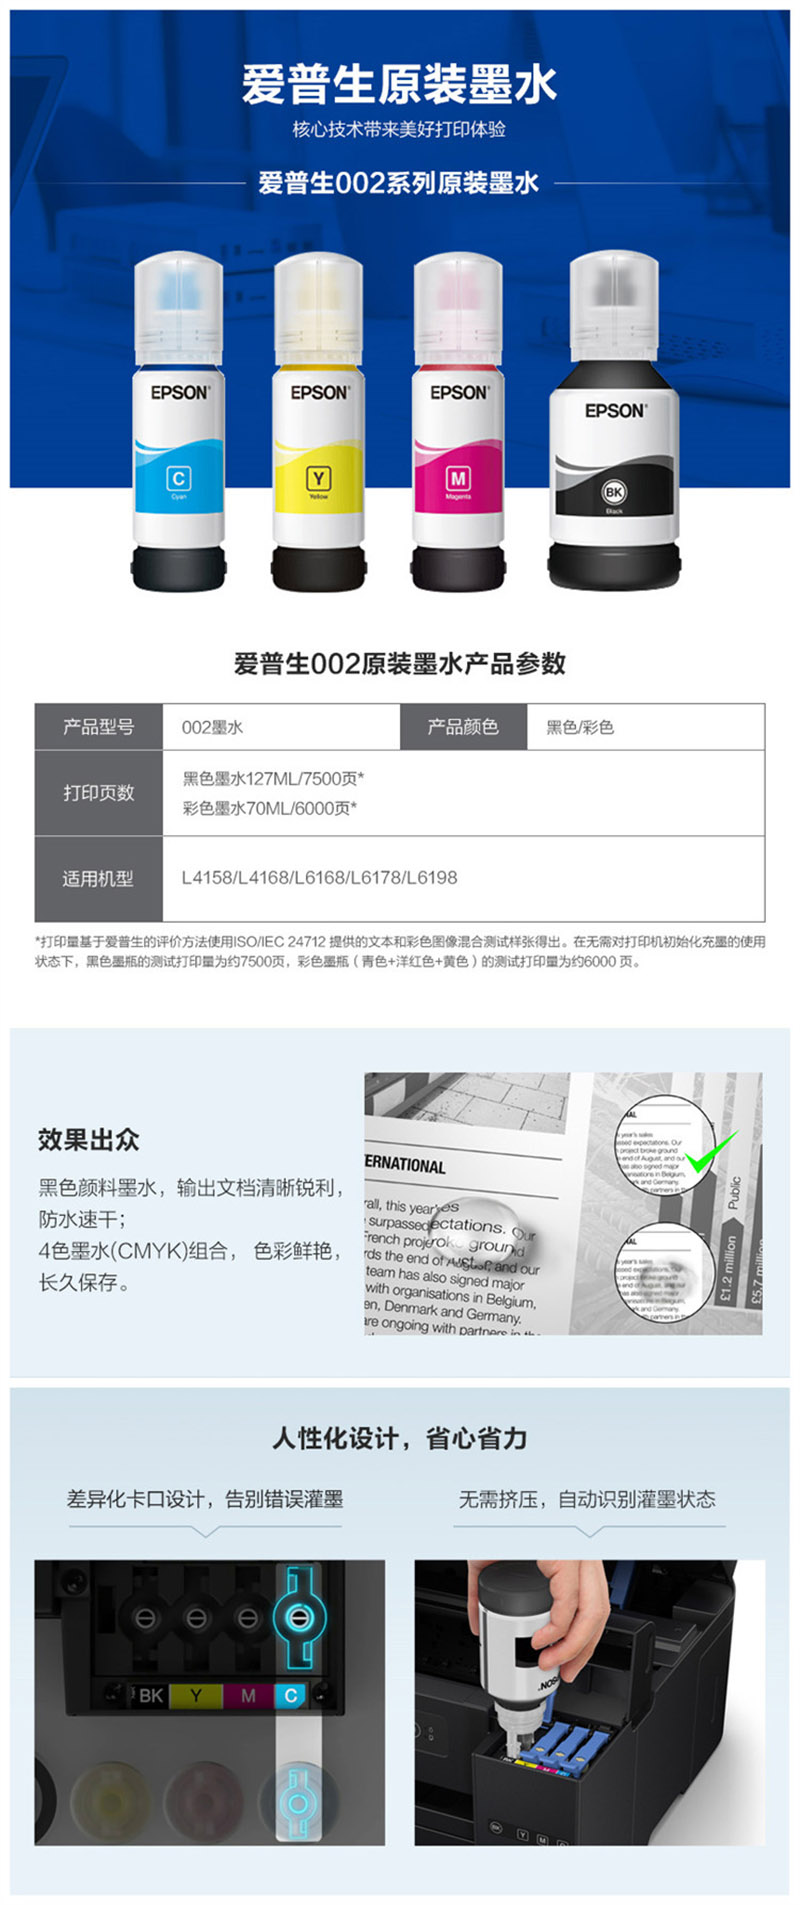 爱普生 002 T03X2 墨水 青色 适用于墨仓式打印机1